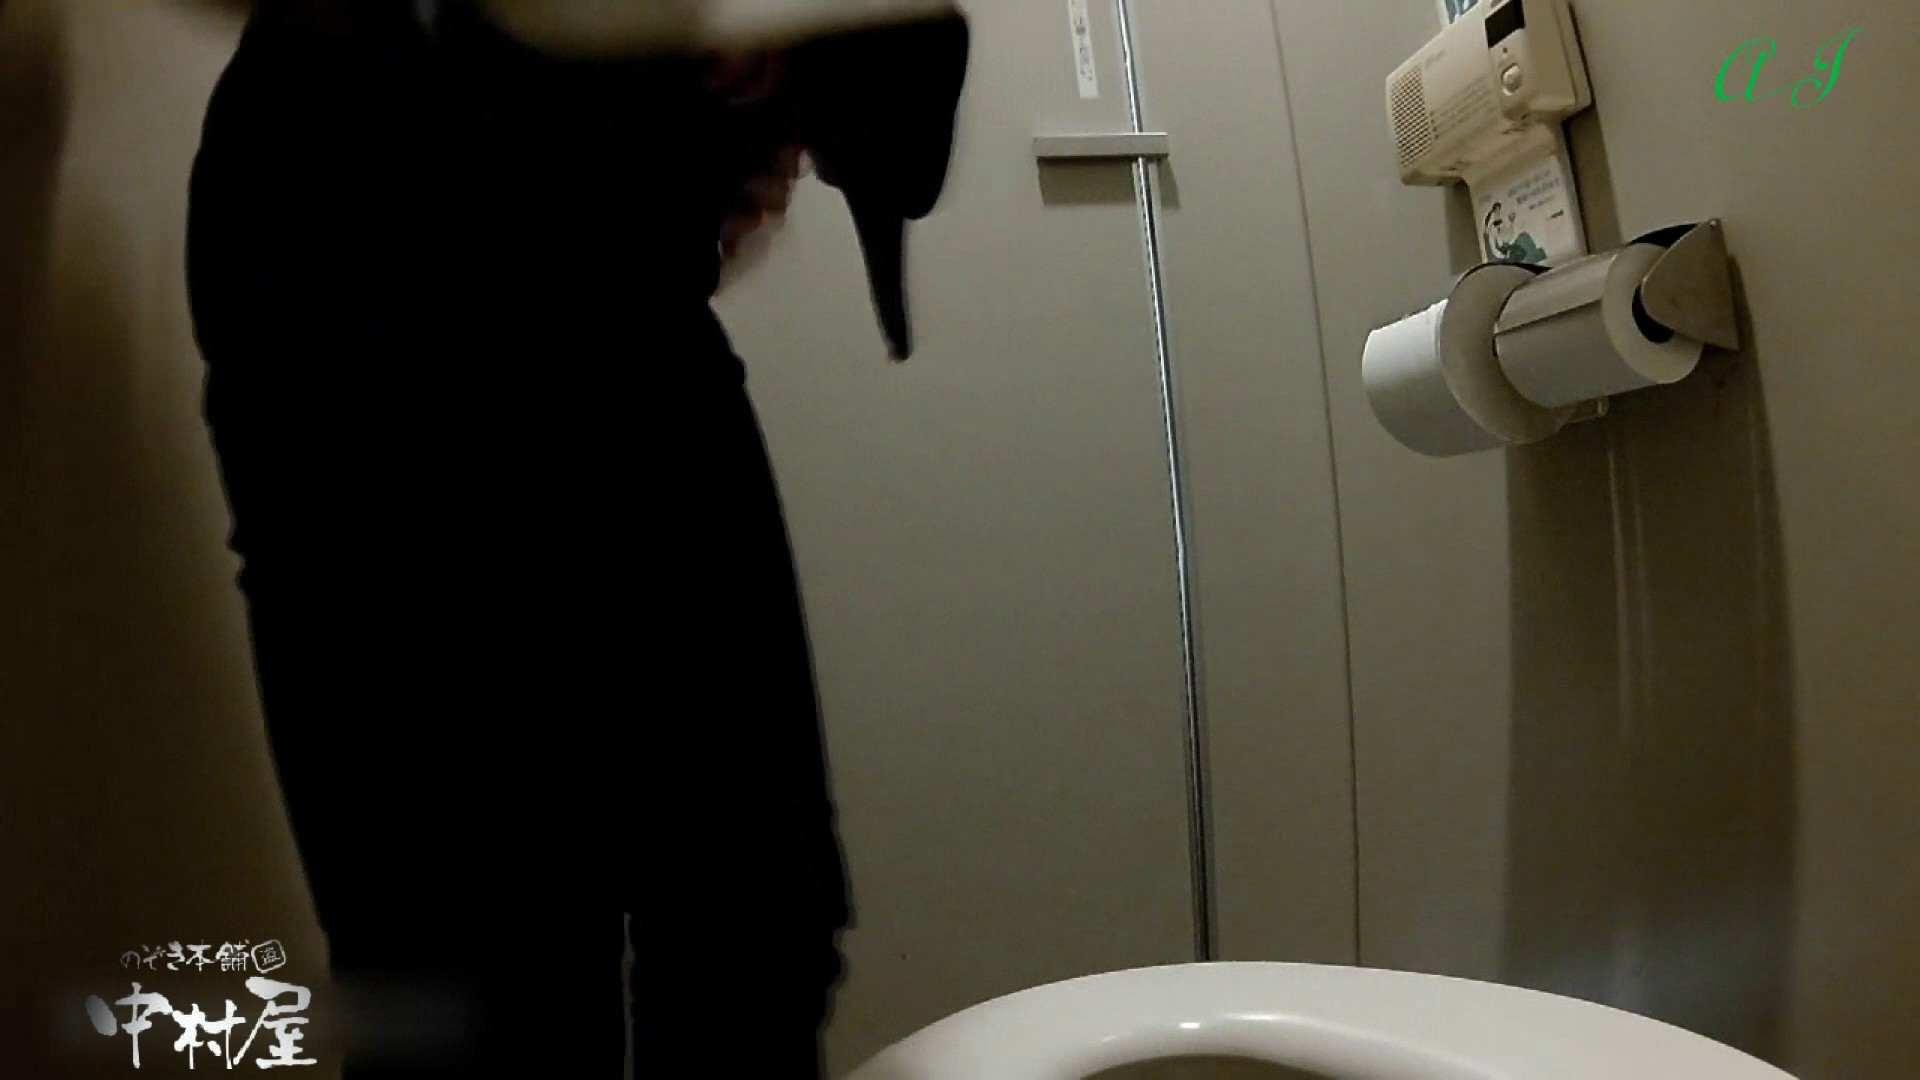 有名大学女性洗面所 vol.83 後編 和式 アダルト動画キャプチャ 104PIX 74